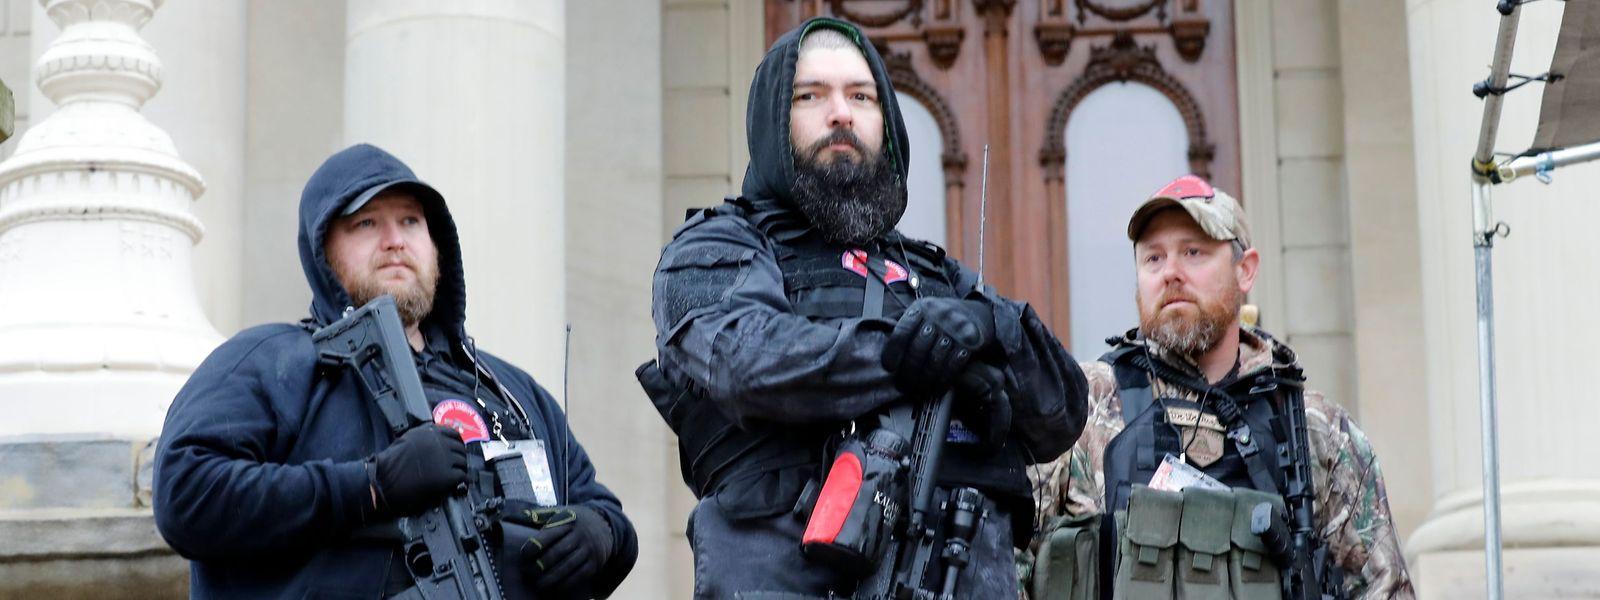 Der Staat Michigan erlaubt das offene Tragen von Schusswaffen. Das Parlament ist nicht von dieser Regelung ausgenommen.